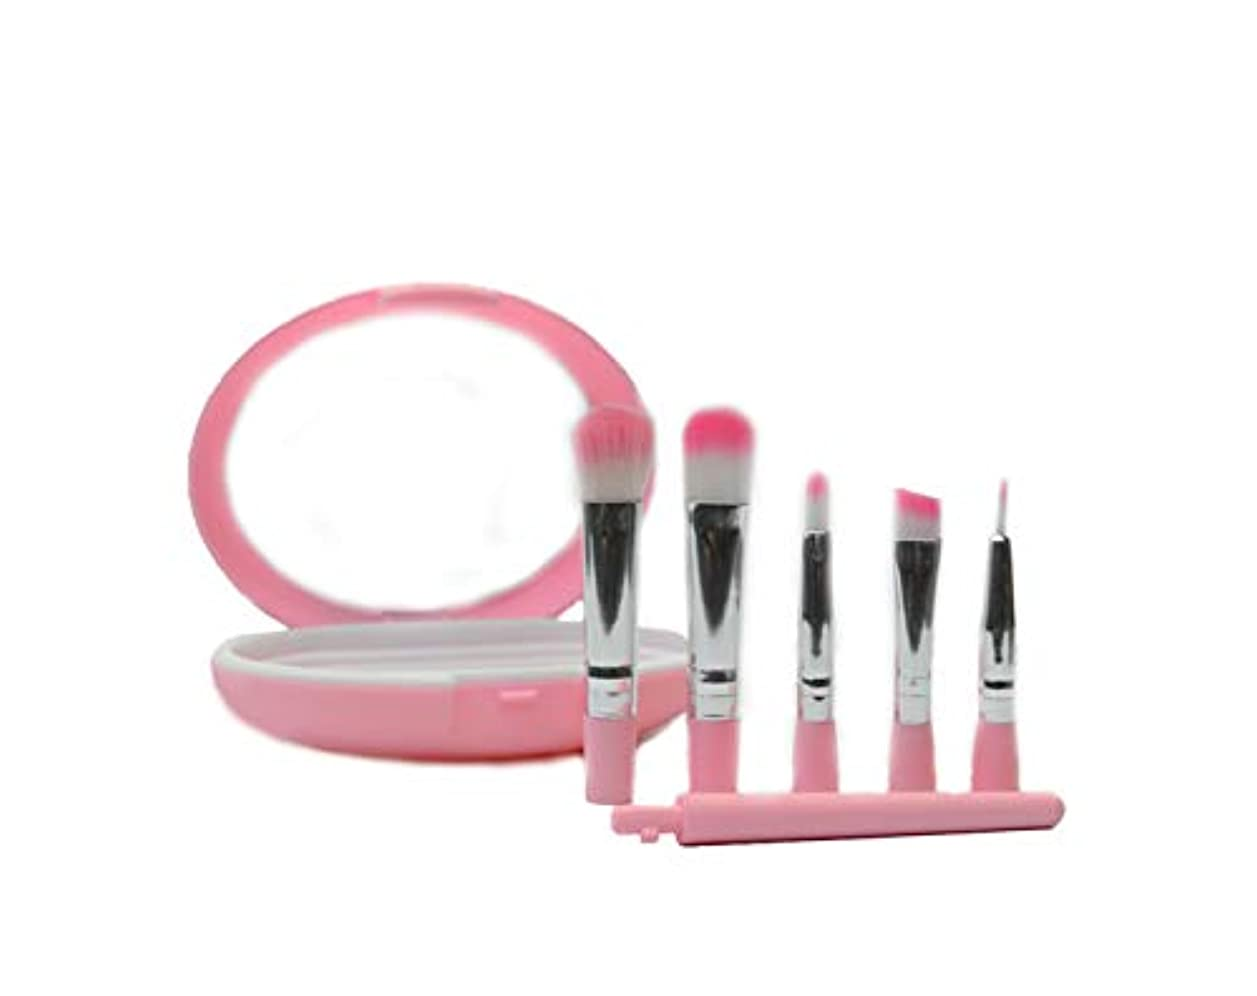 軸プレゼン作りFengliアイシャドウブラシ 5本セッル 化粧筆 鏡付き携帯式 高級繊維毛 初心者にも適しています 防塵収納 取扱説明付き